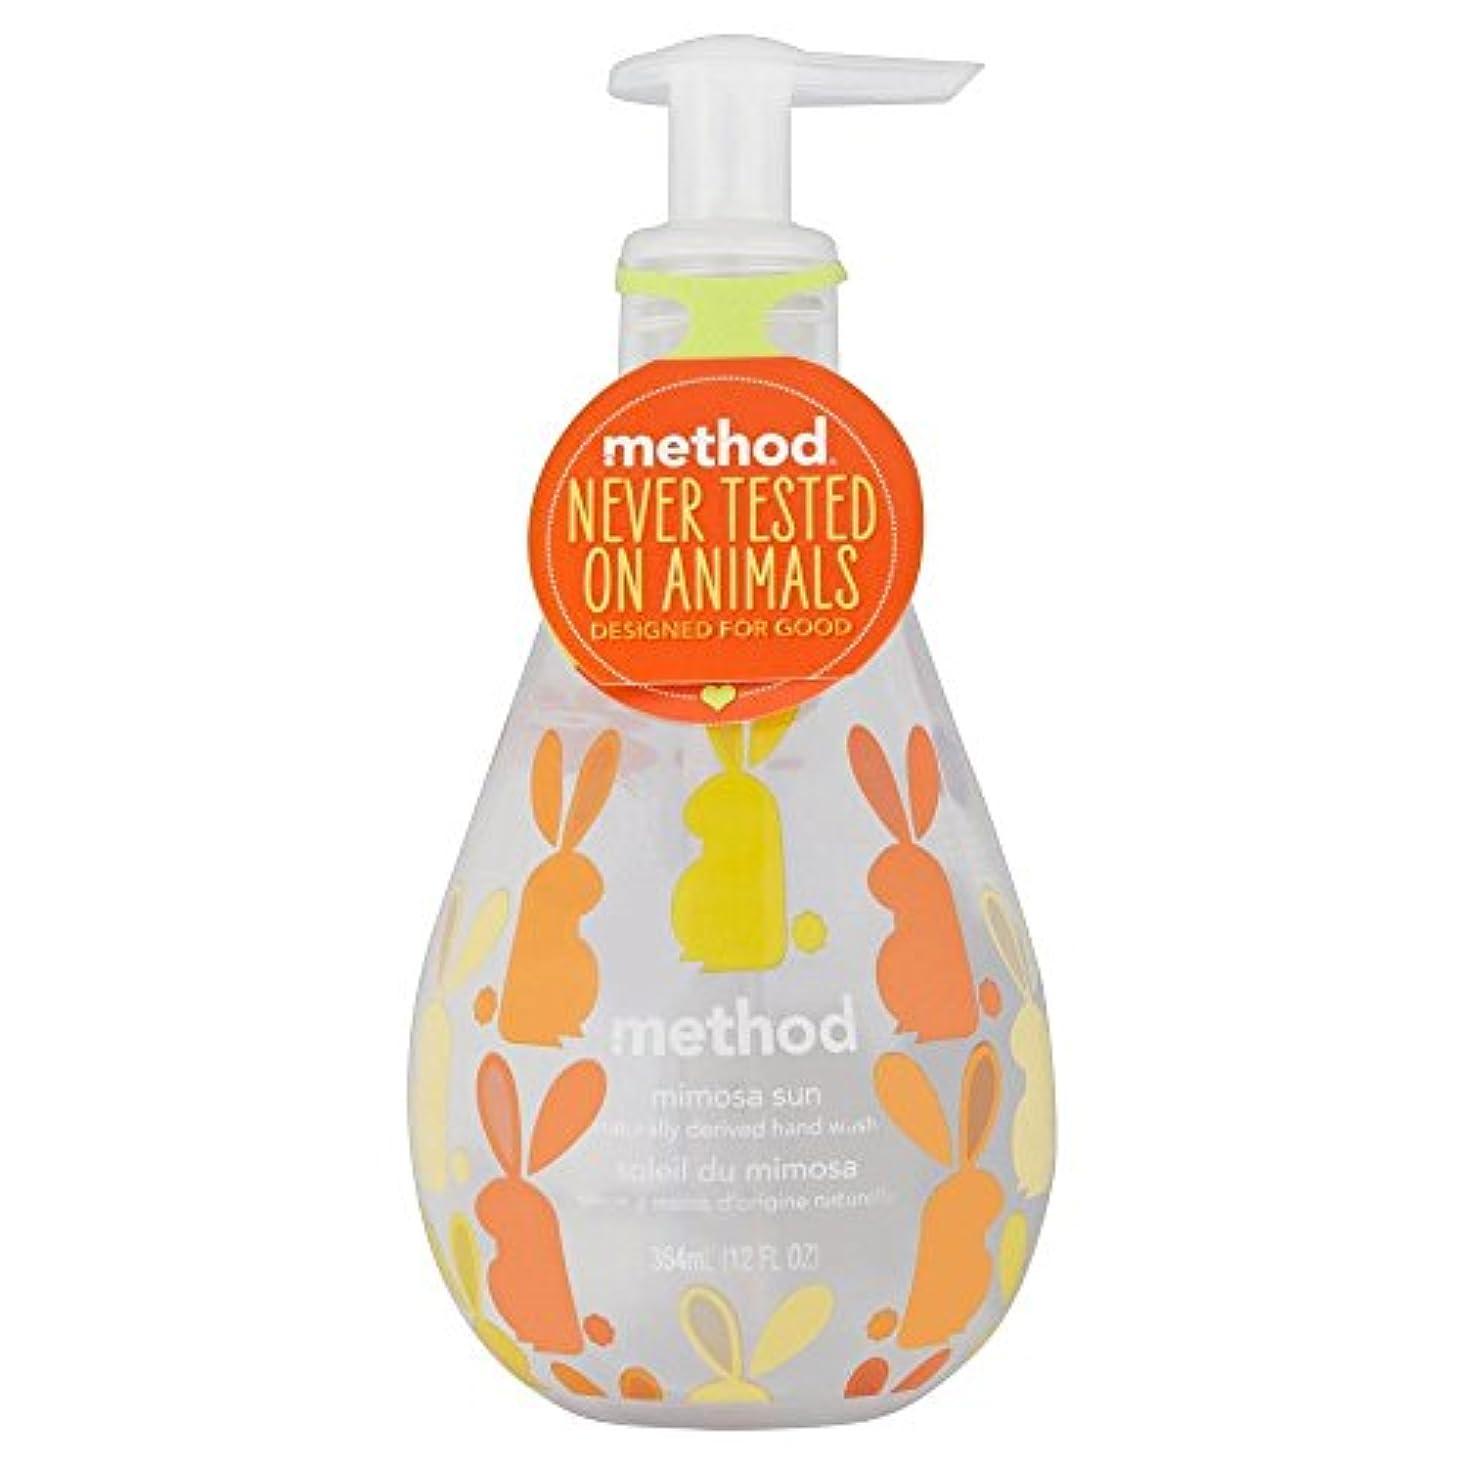 ルーチン追放自我Method Hand Wash - Mimosa Sun (354ml) メソッドハンドウォッシュ - ミモザ日( 354ミリリットル) [並行輸入品]